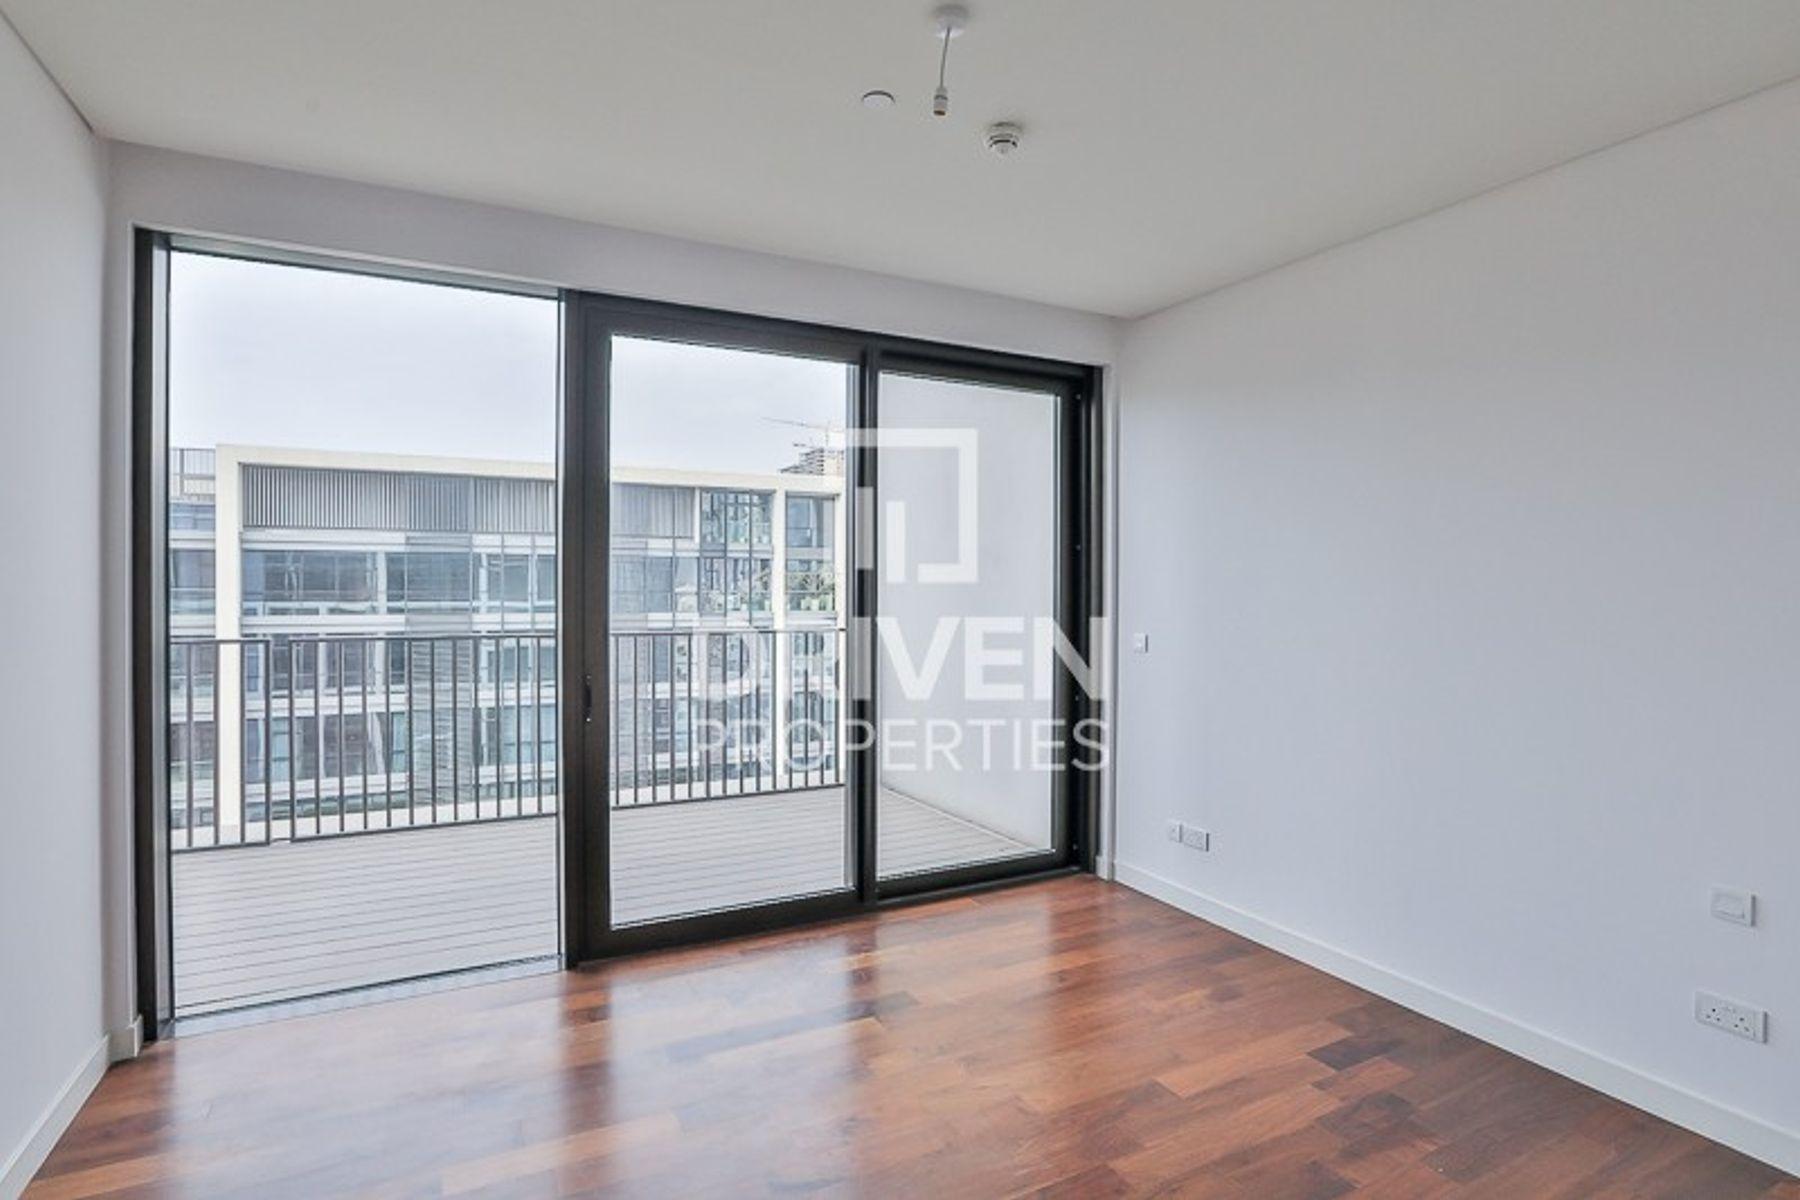 للبيع - شقة - 12 بناية - سيتي ووك